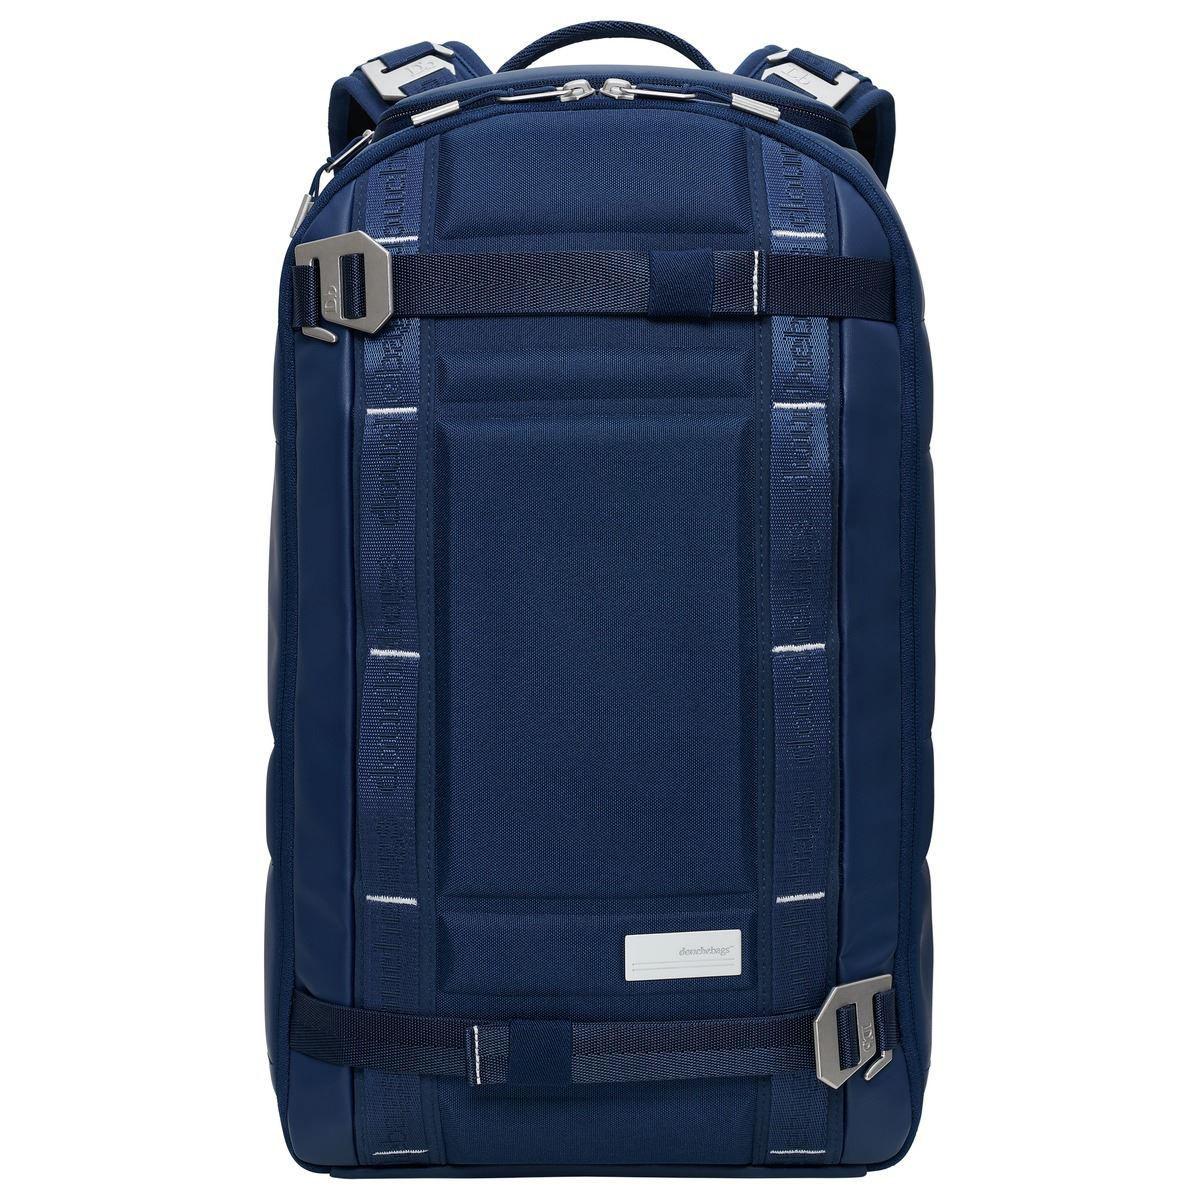 Bilde av The Backpack